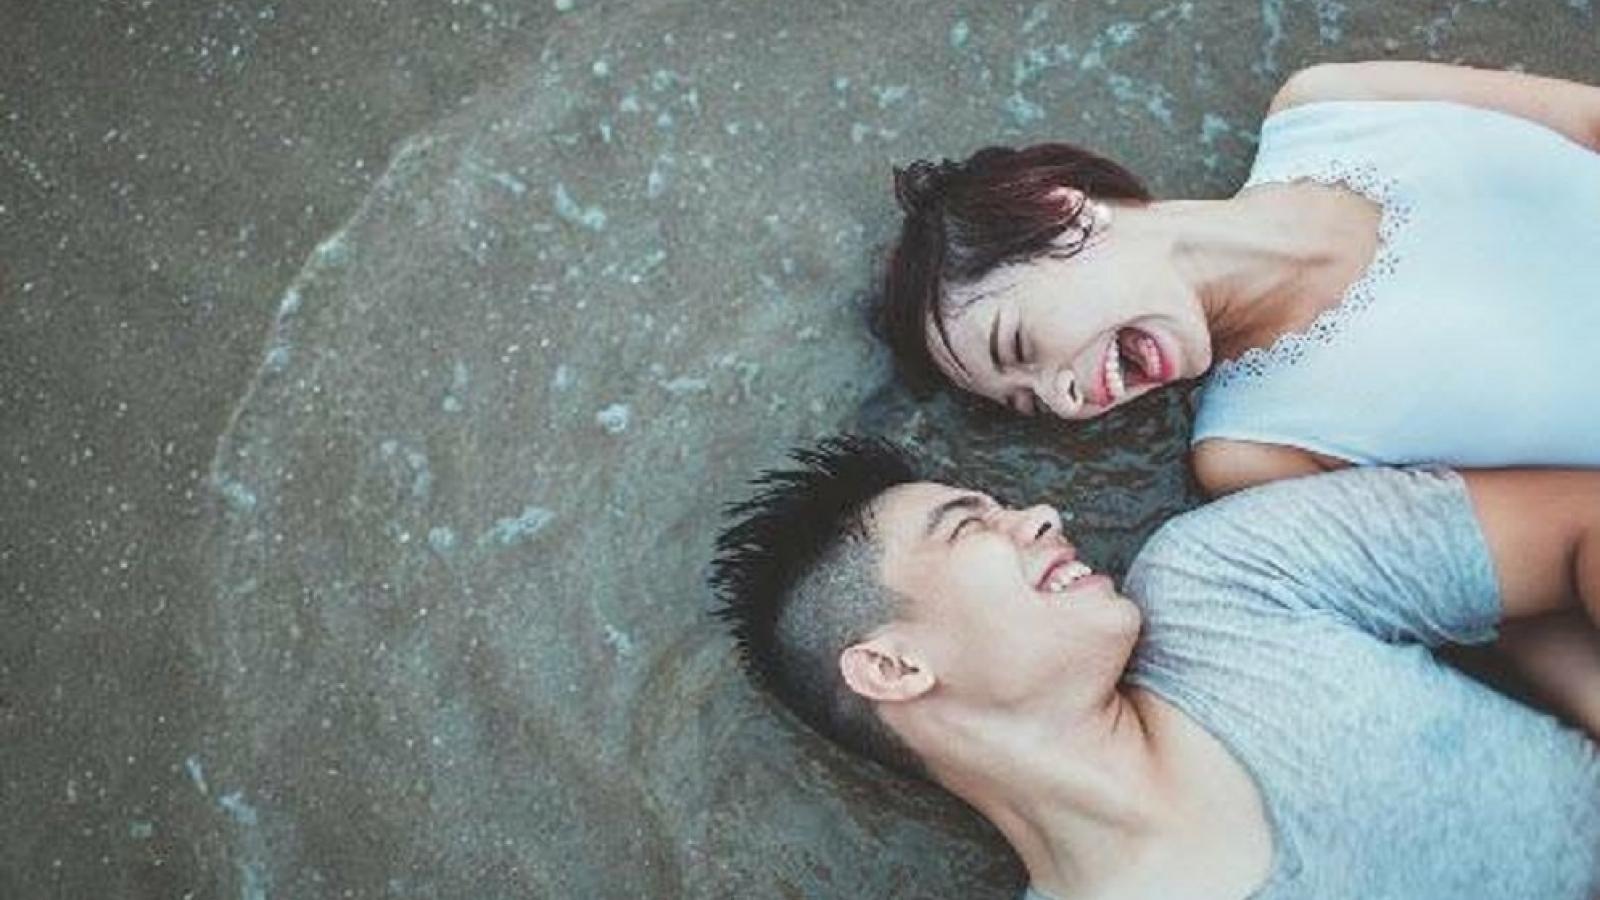 Gặp nhau là duyên, bên nhau là nợ, đúng người đúng thời điểm là duyên phận